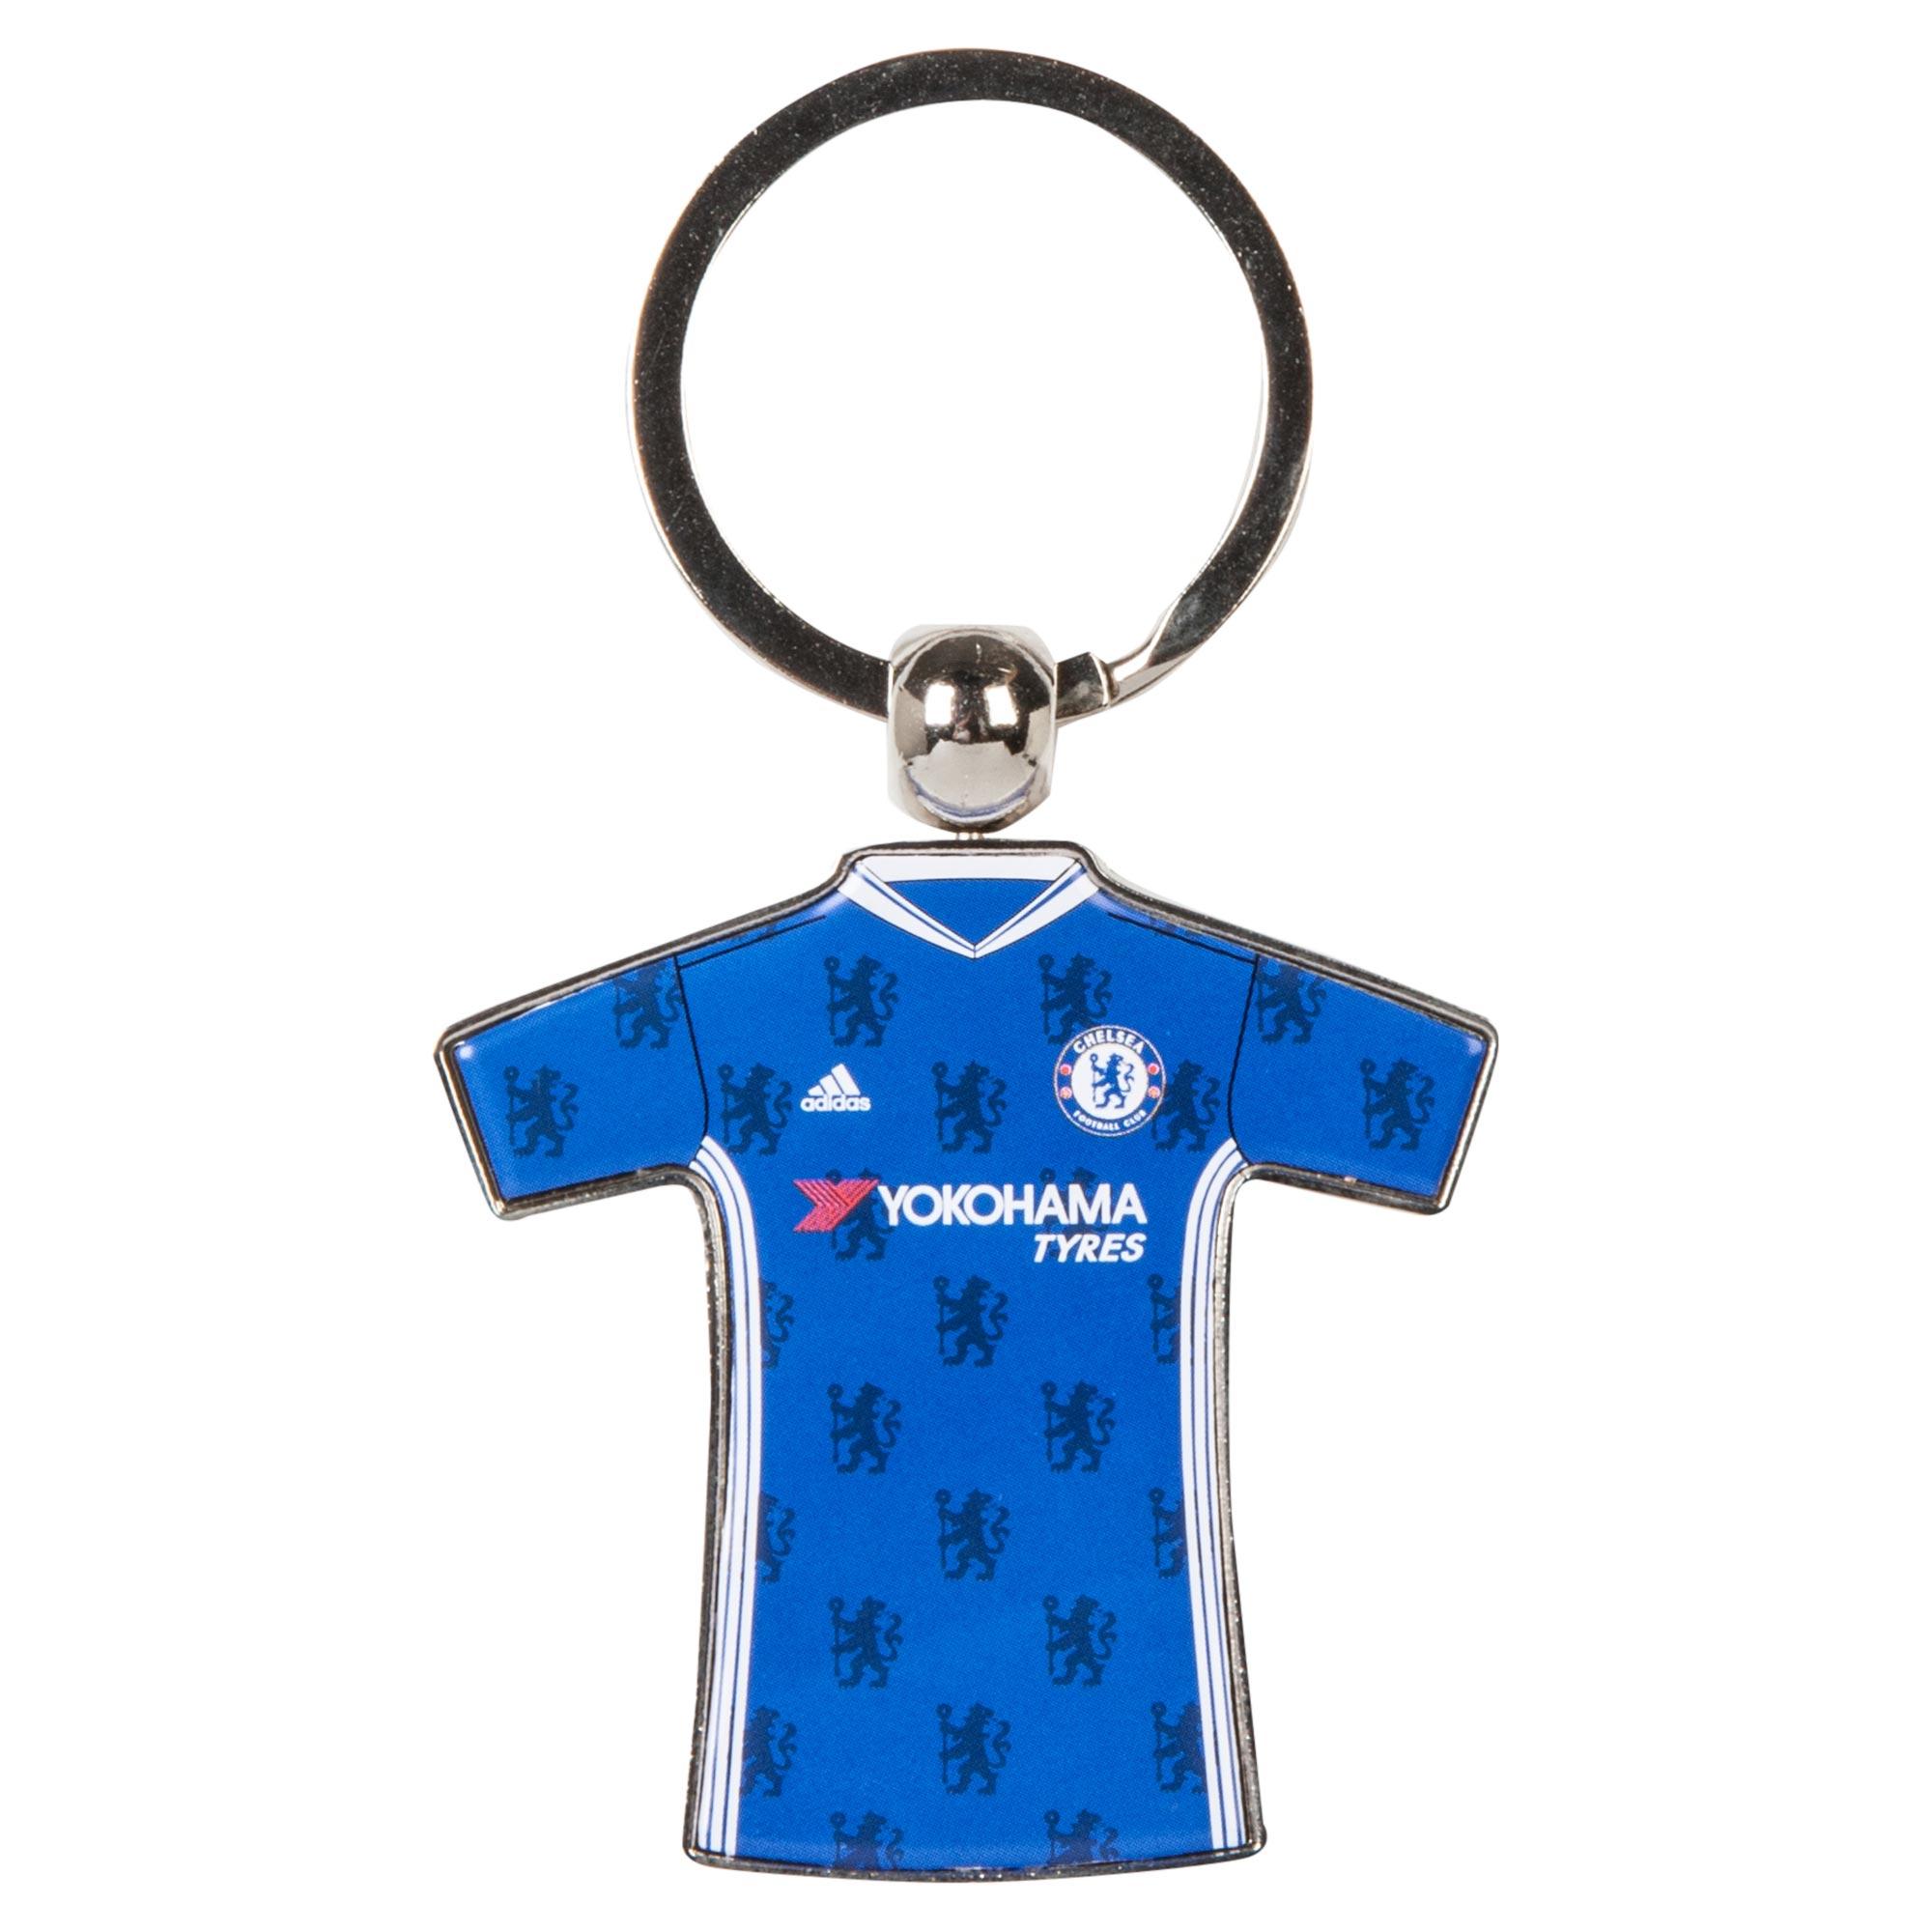 Chelsea 16/17 Kit Key Ring